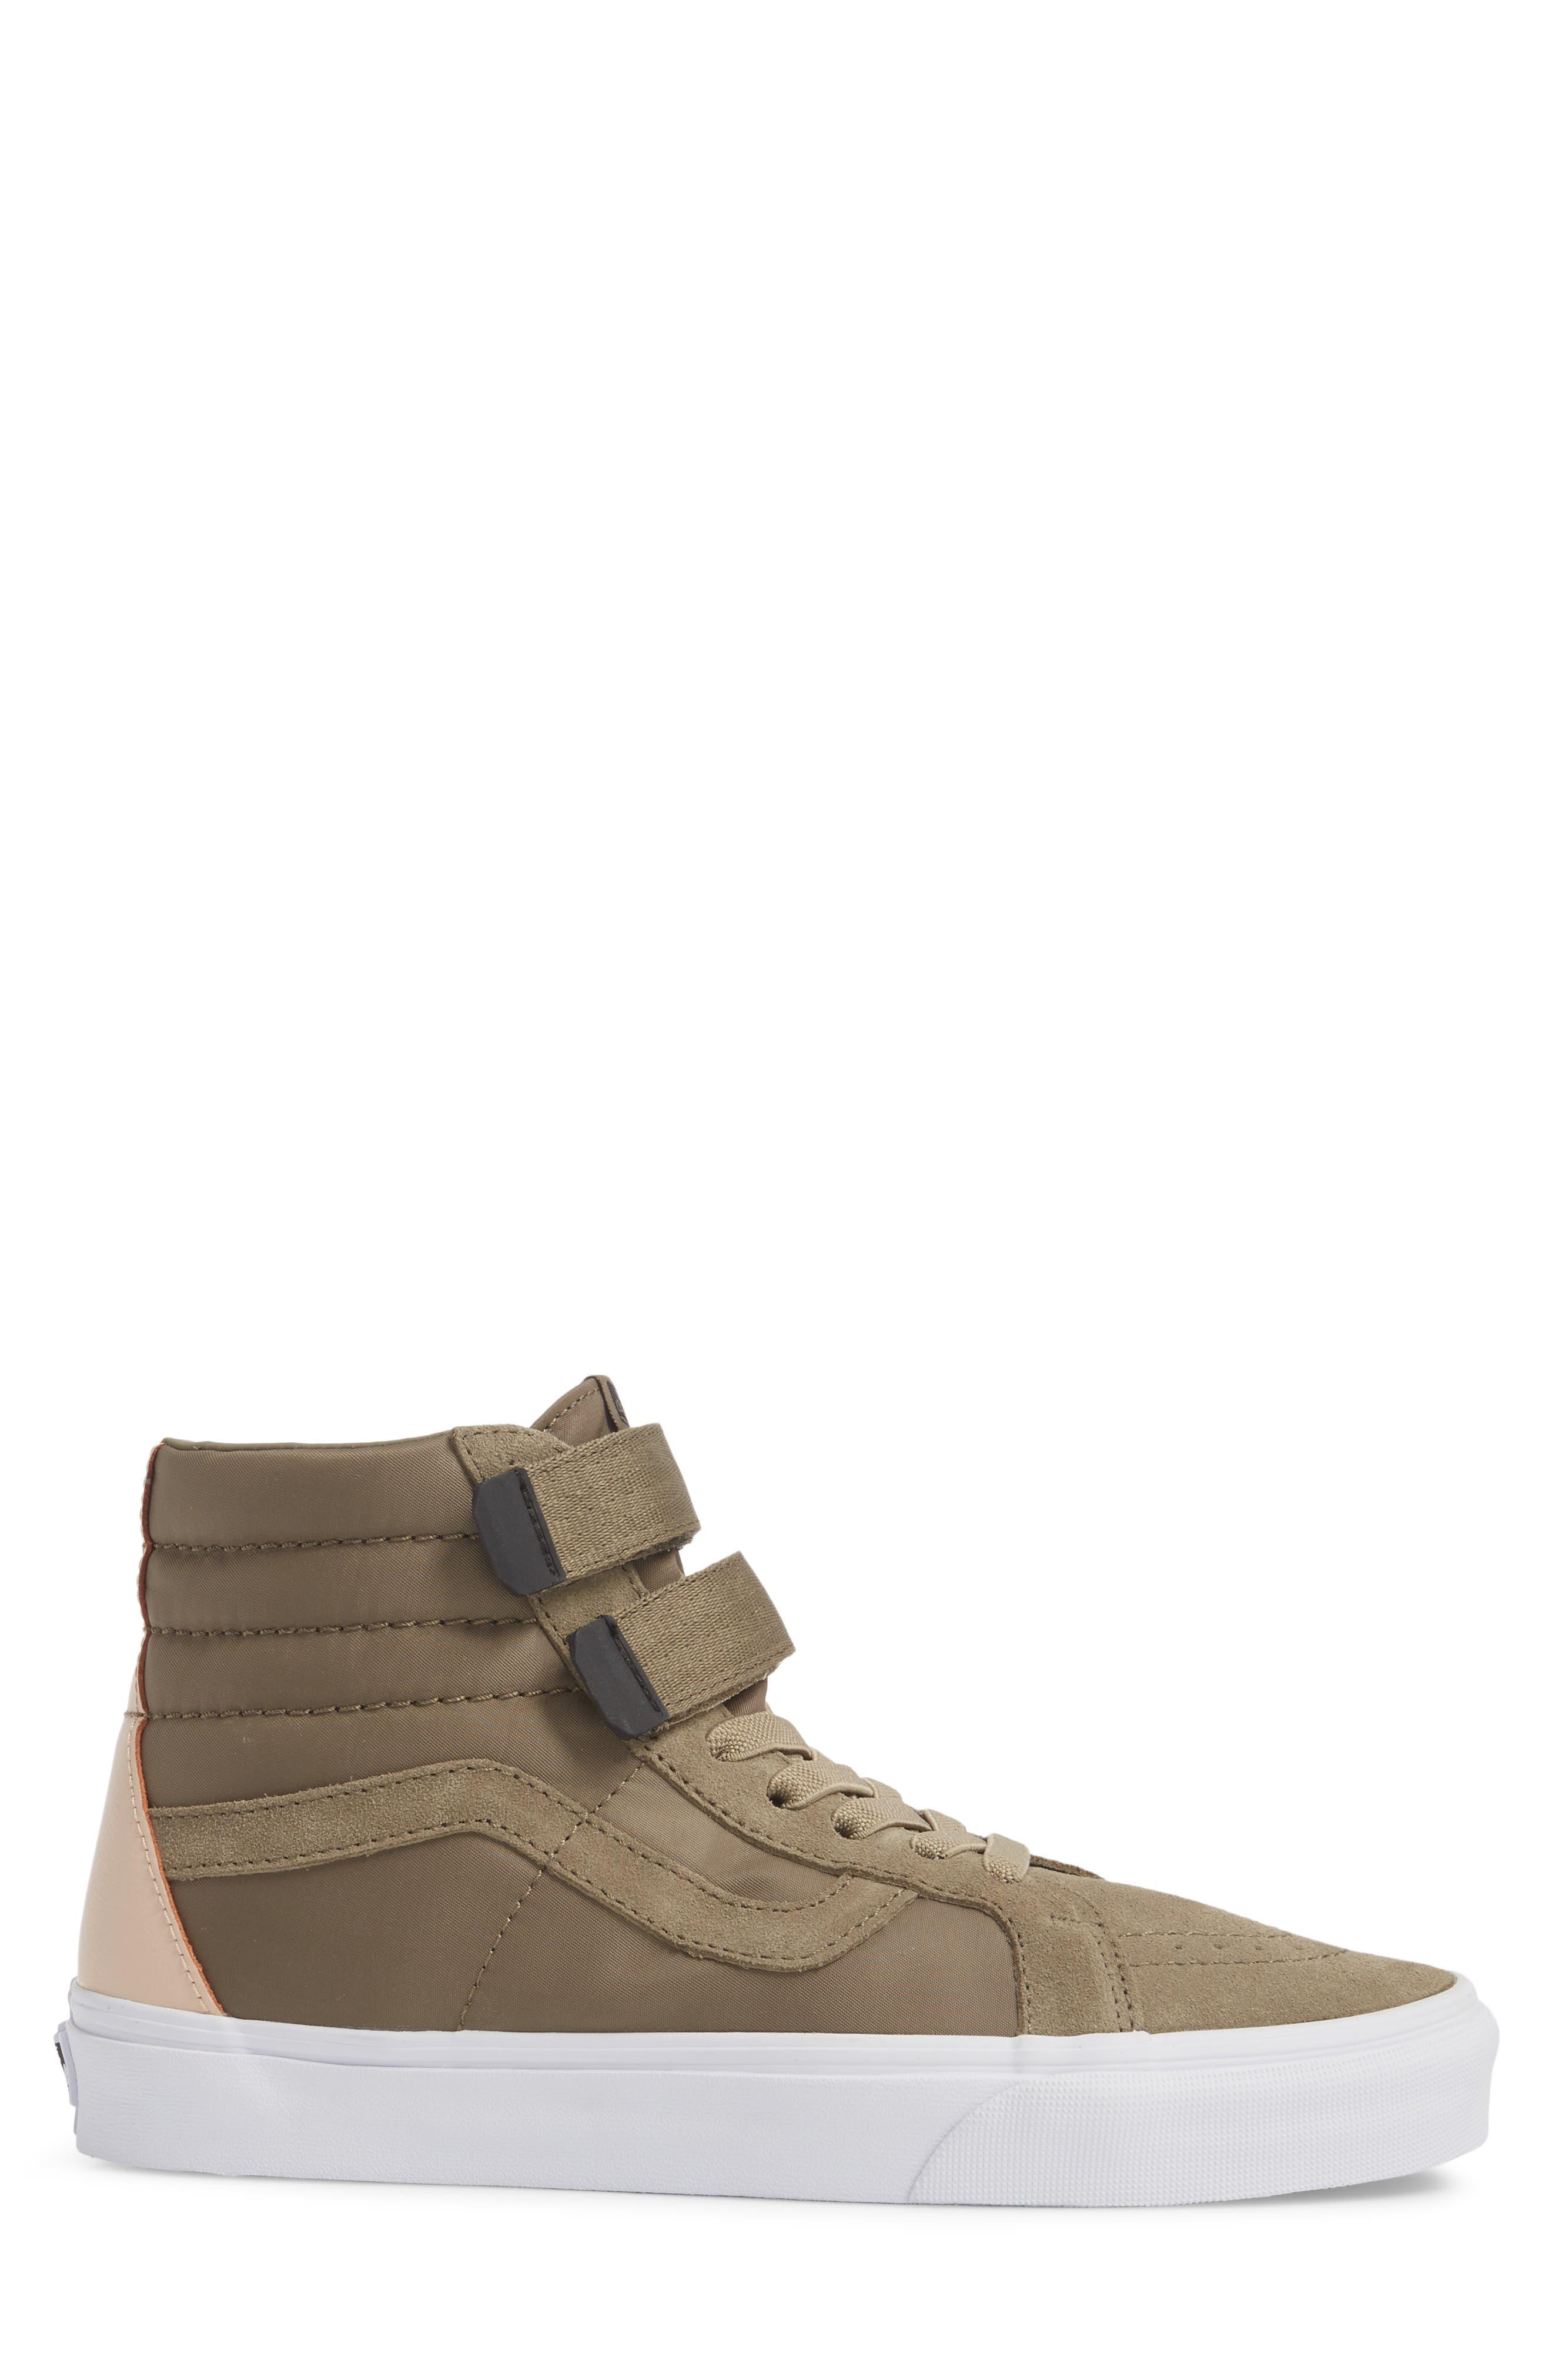 Sk8-Hi Reissue V Sneaker,                             Alternate thumbnail 3, color,                             Dusky Green Leather